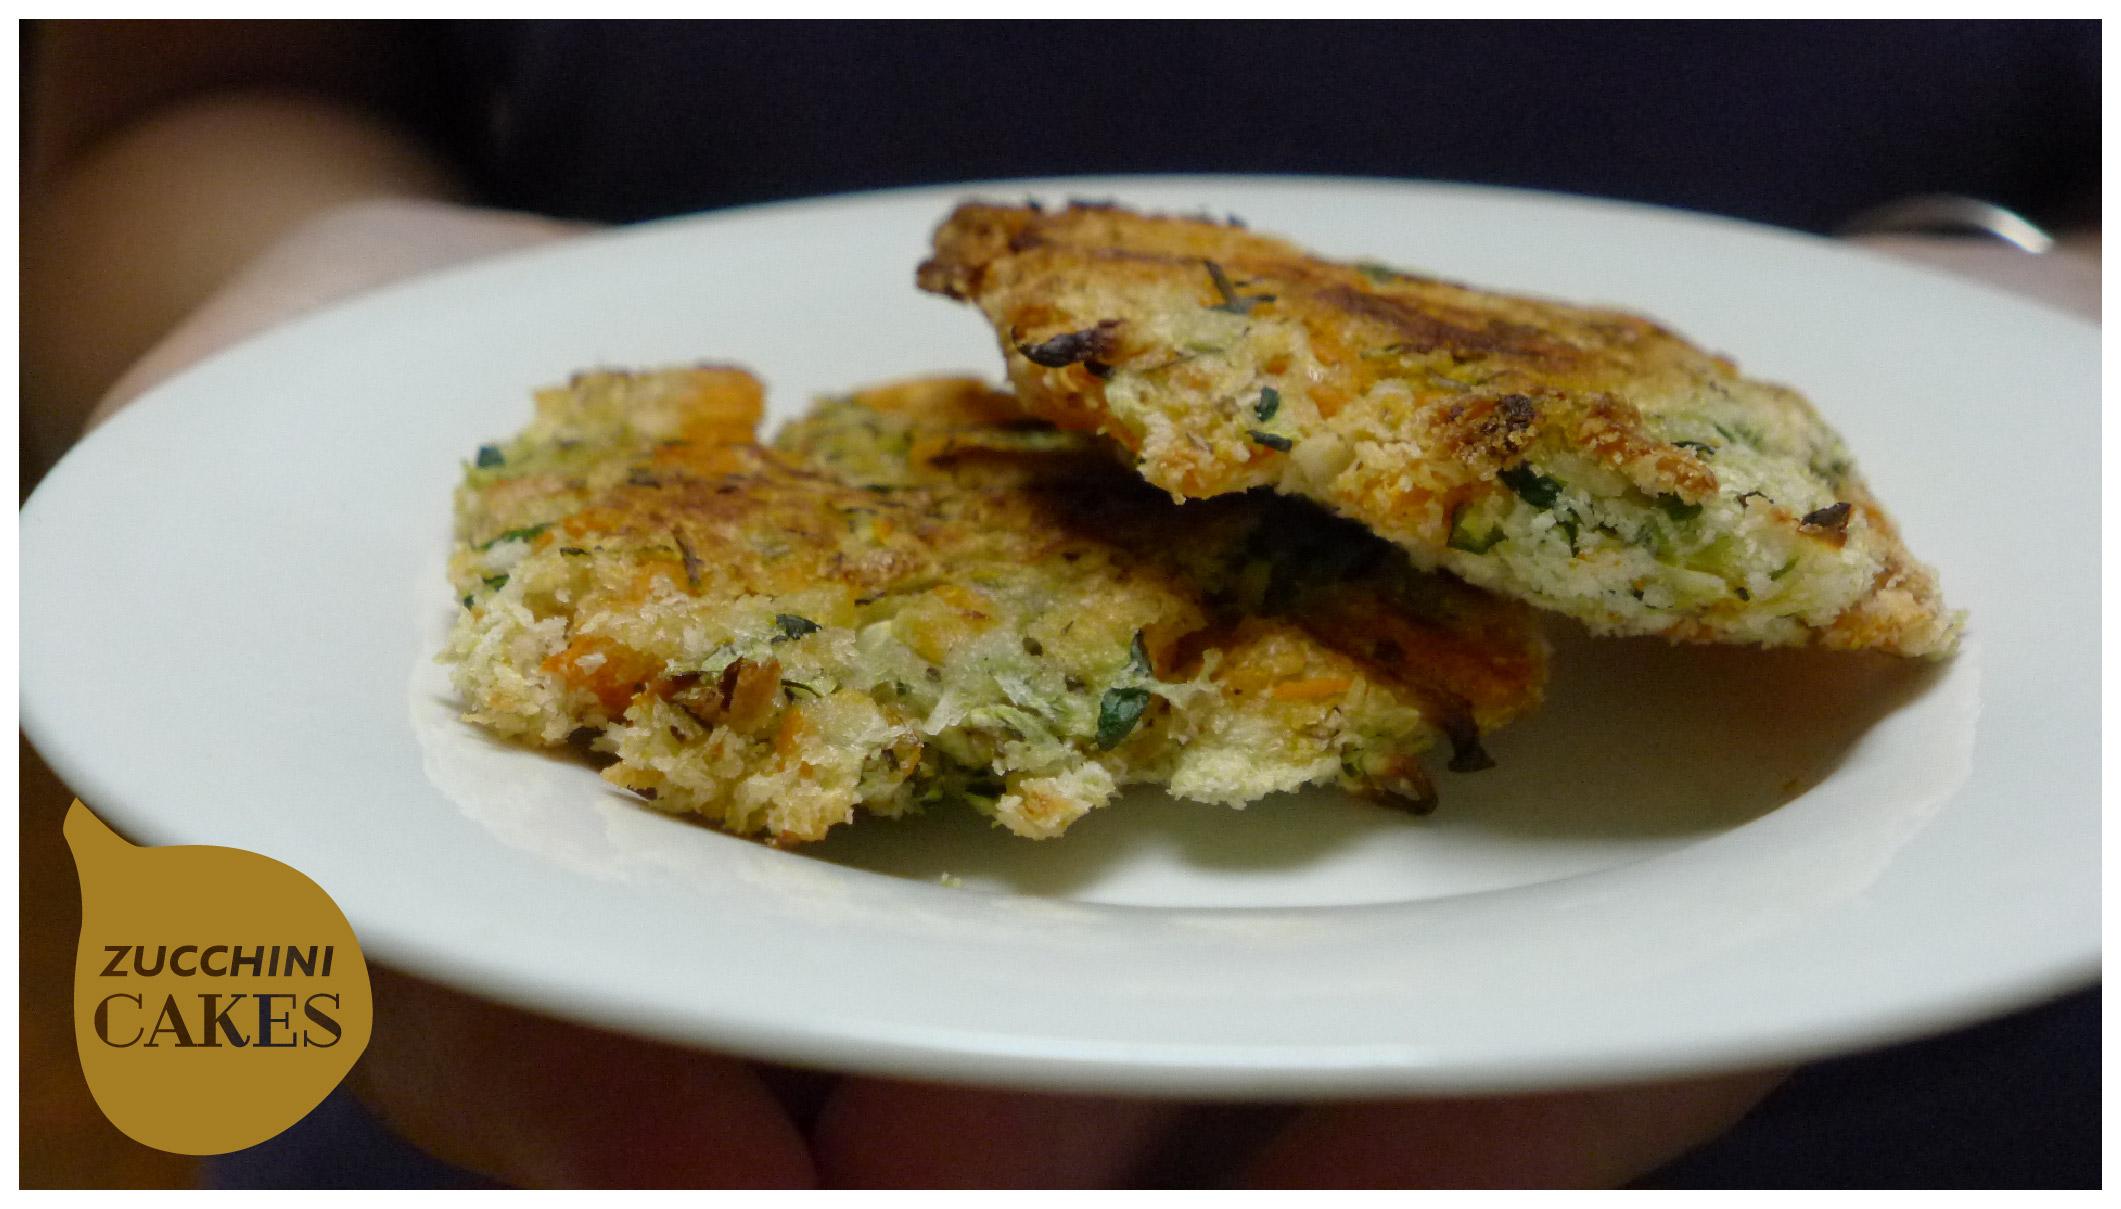 Zucchini Cakes Recipe — Dishmaps